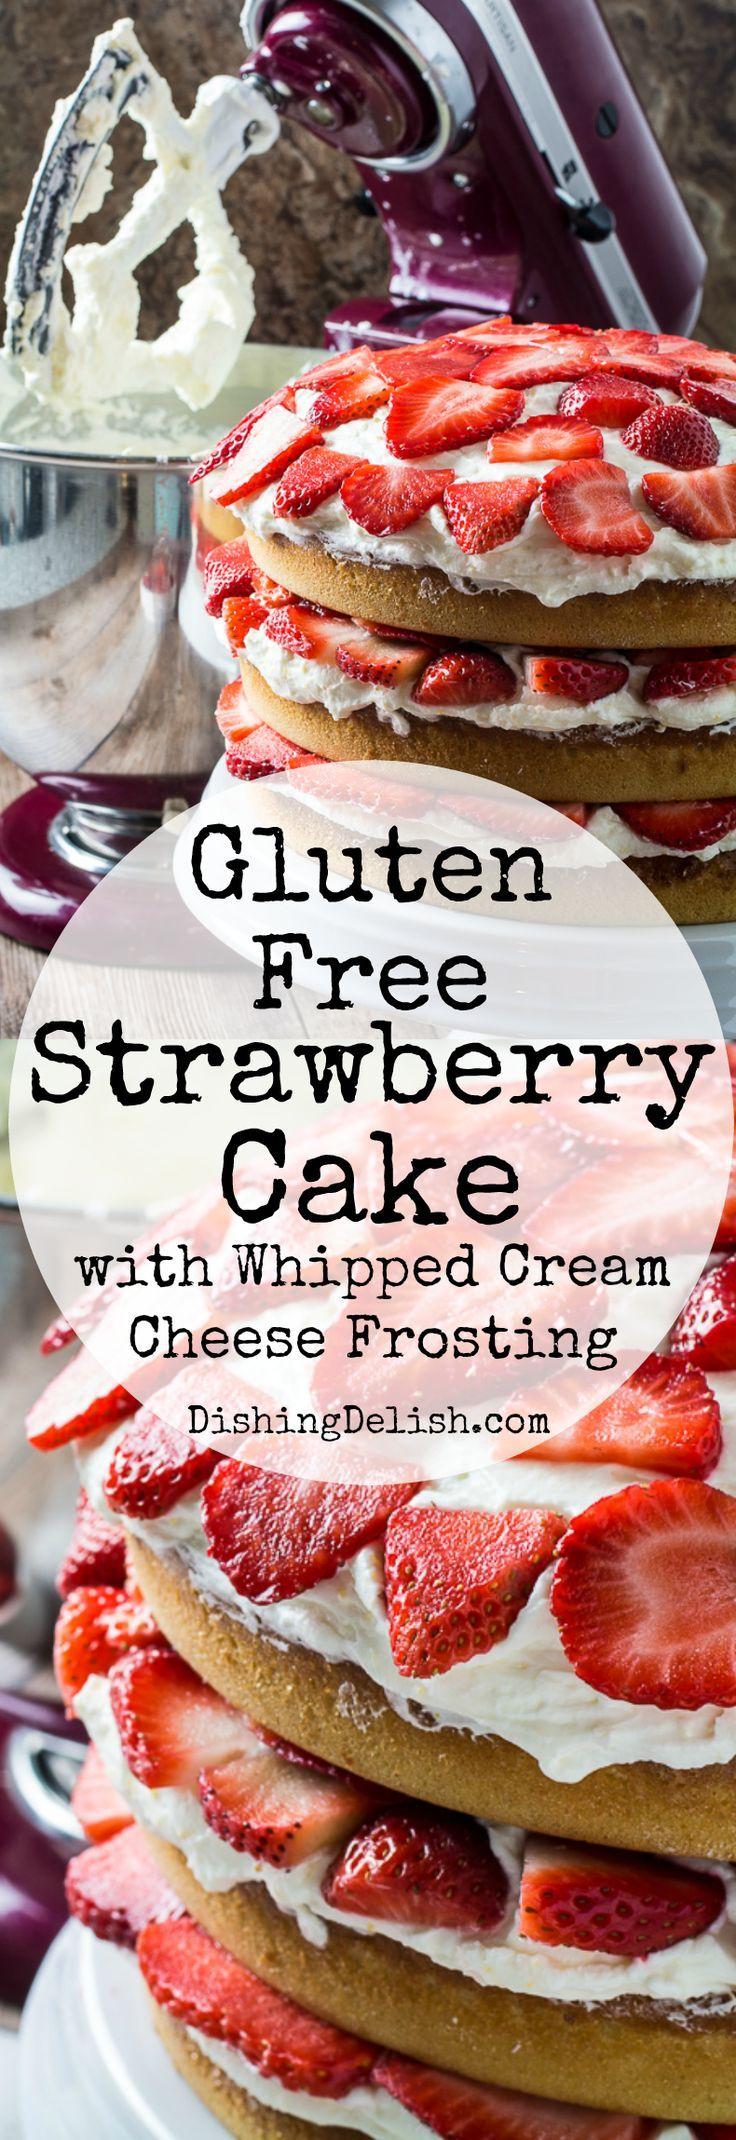 Gluten free strawberry cake whipped cream cheese